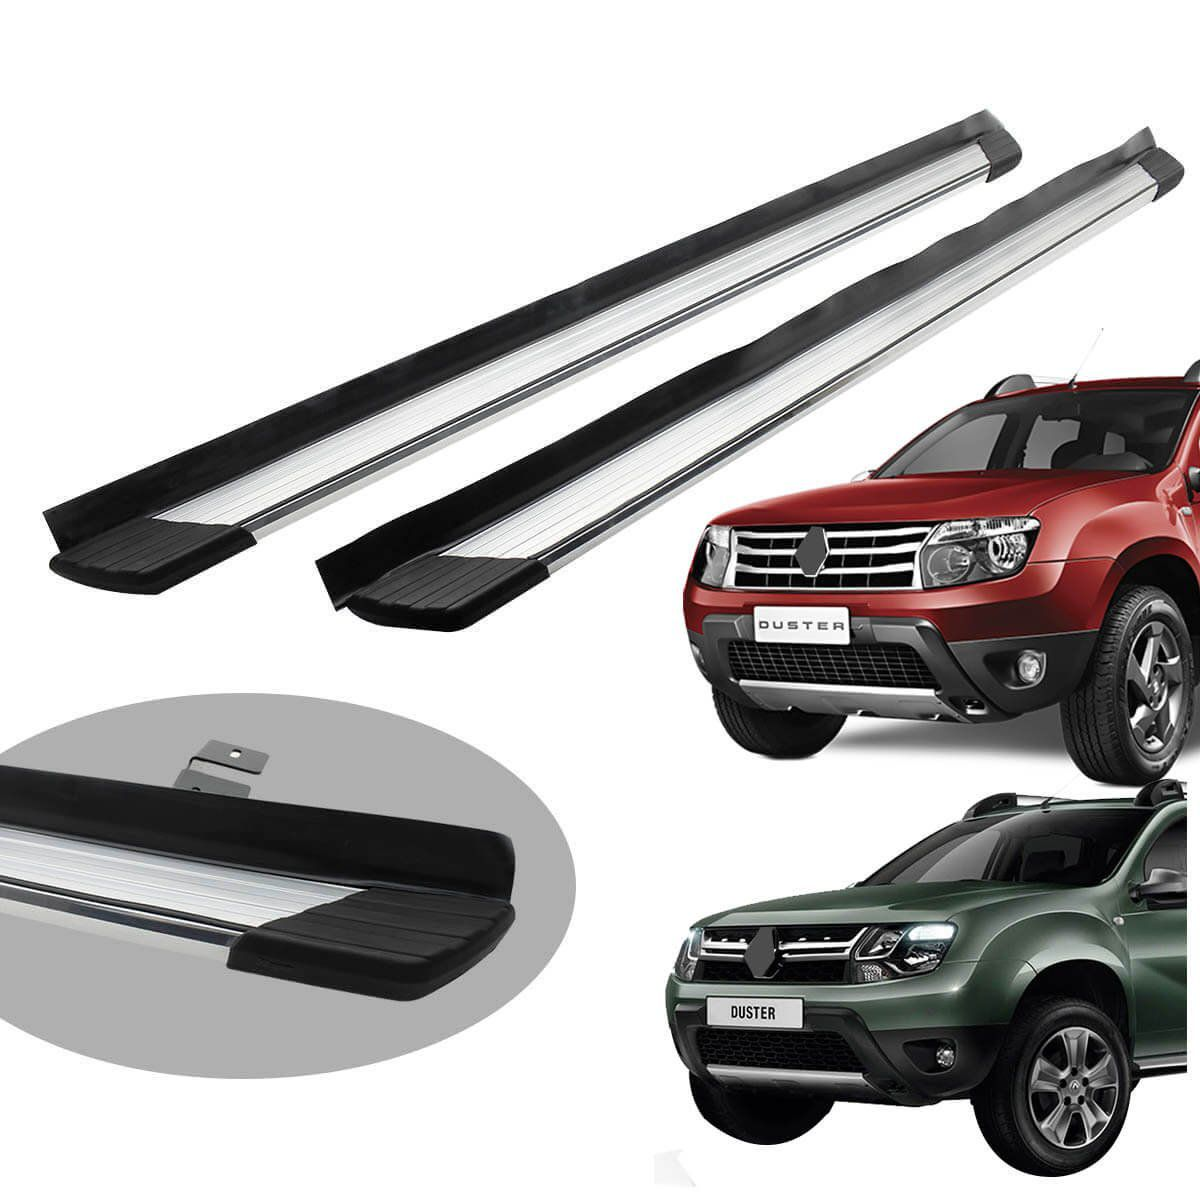 Estribo Bepo SUV 2 alumínio polido Duster 2012 a 2020